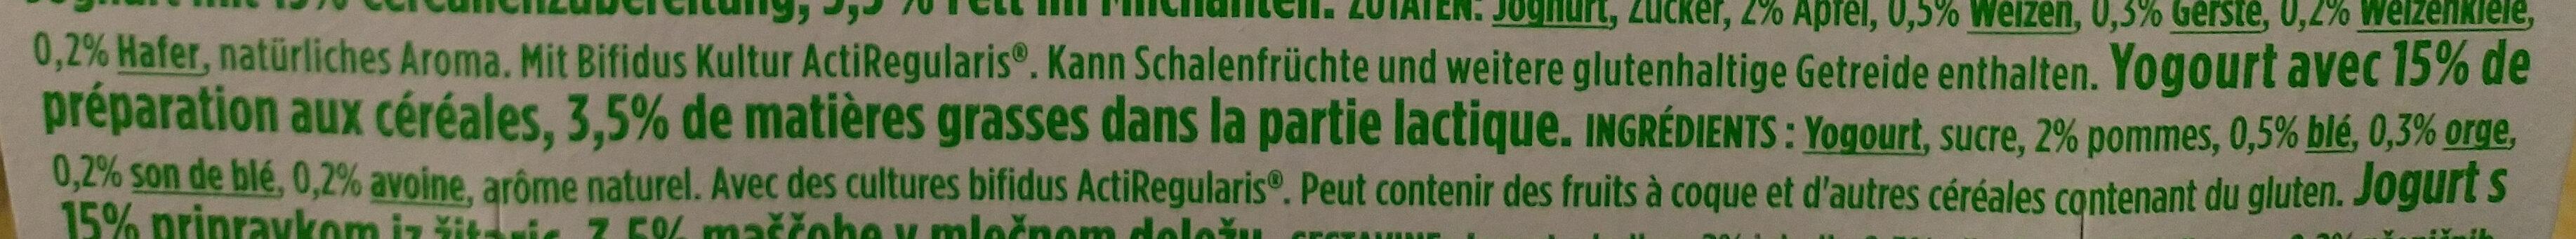 Yaourt activia céréales - Ingrédients - fr